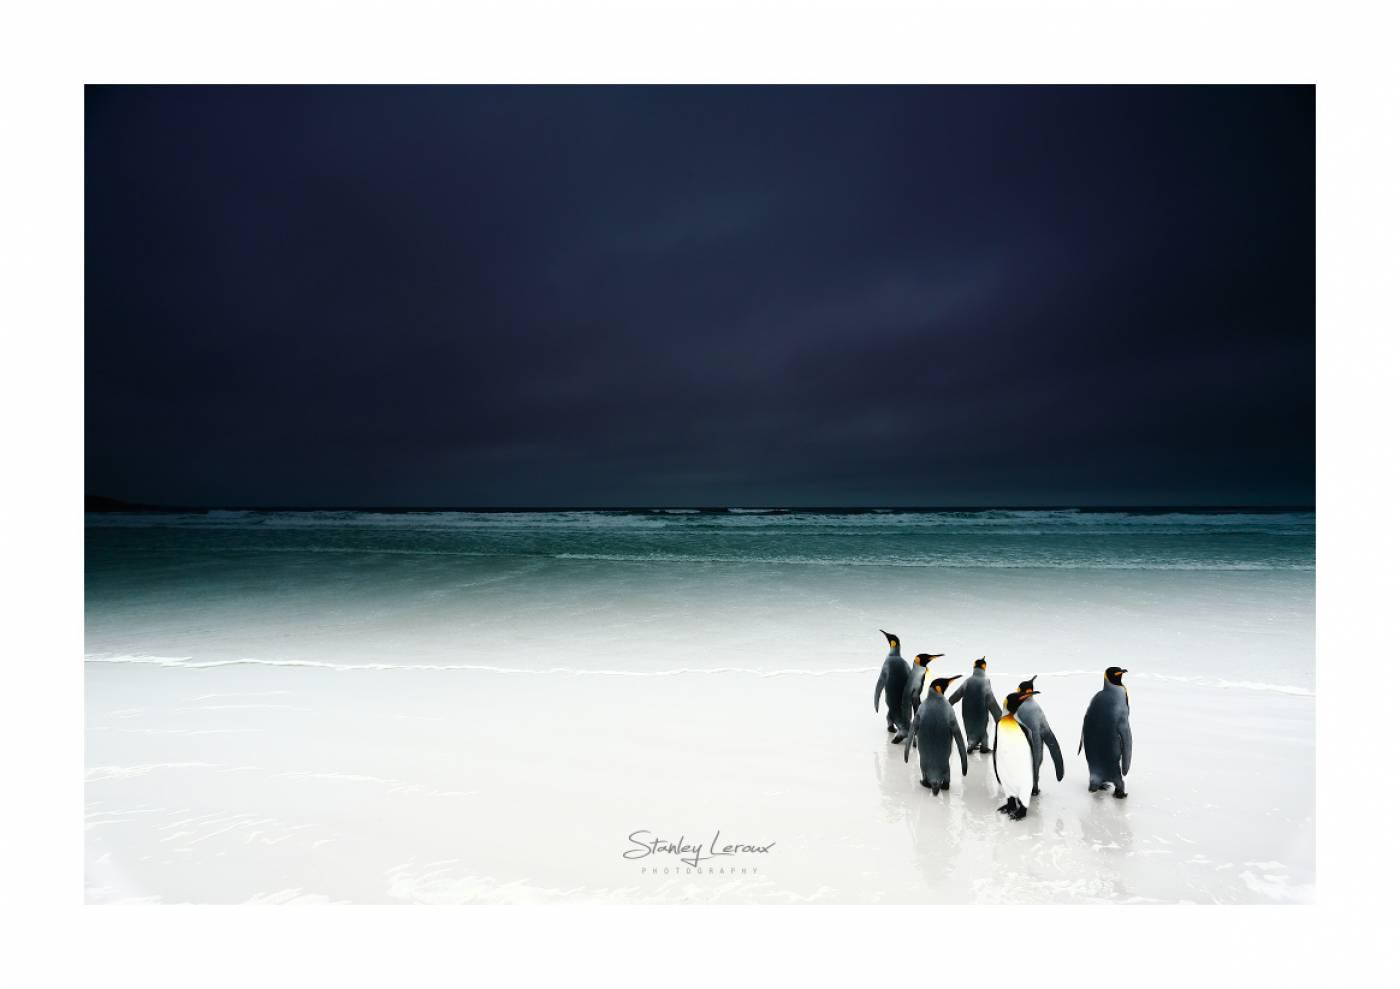 stanley leroux photographe